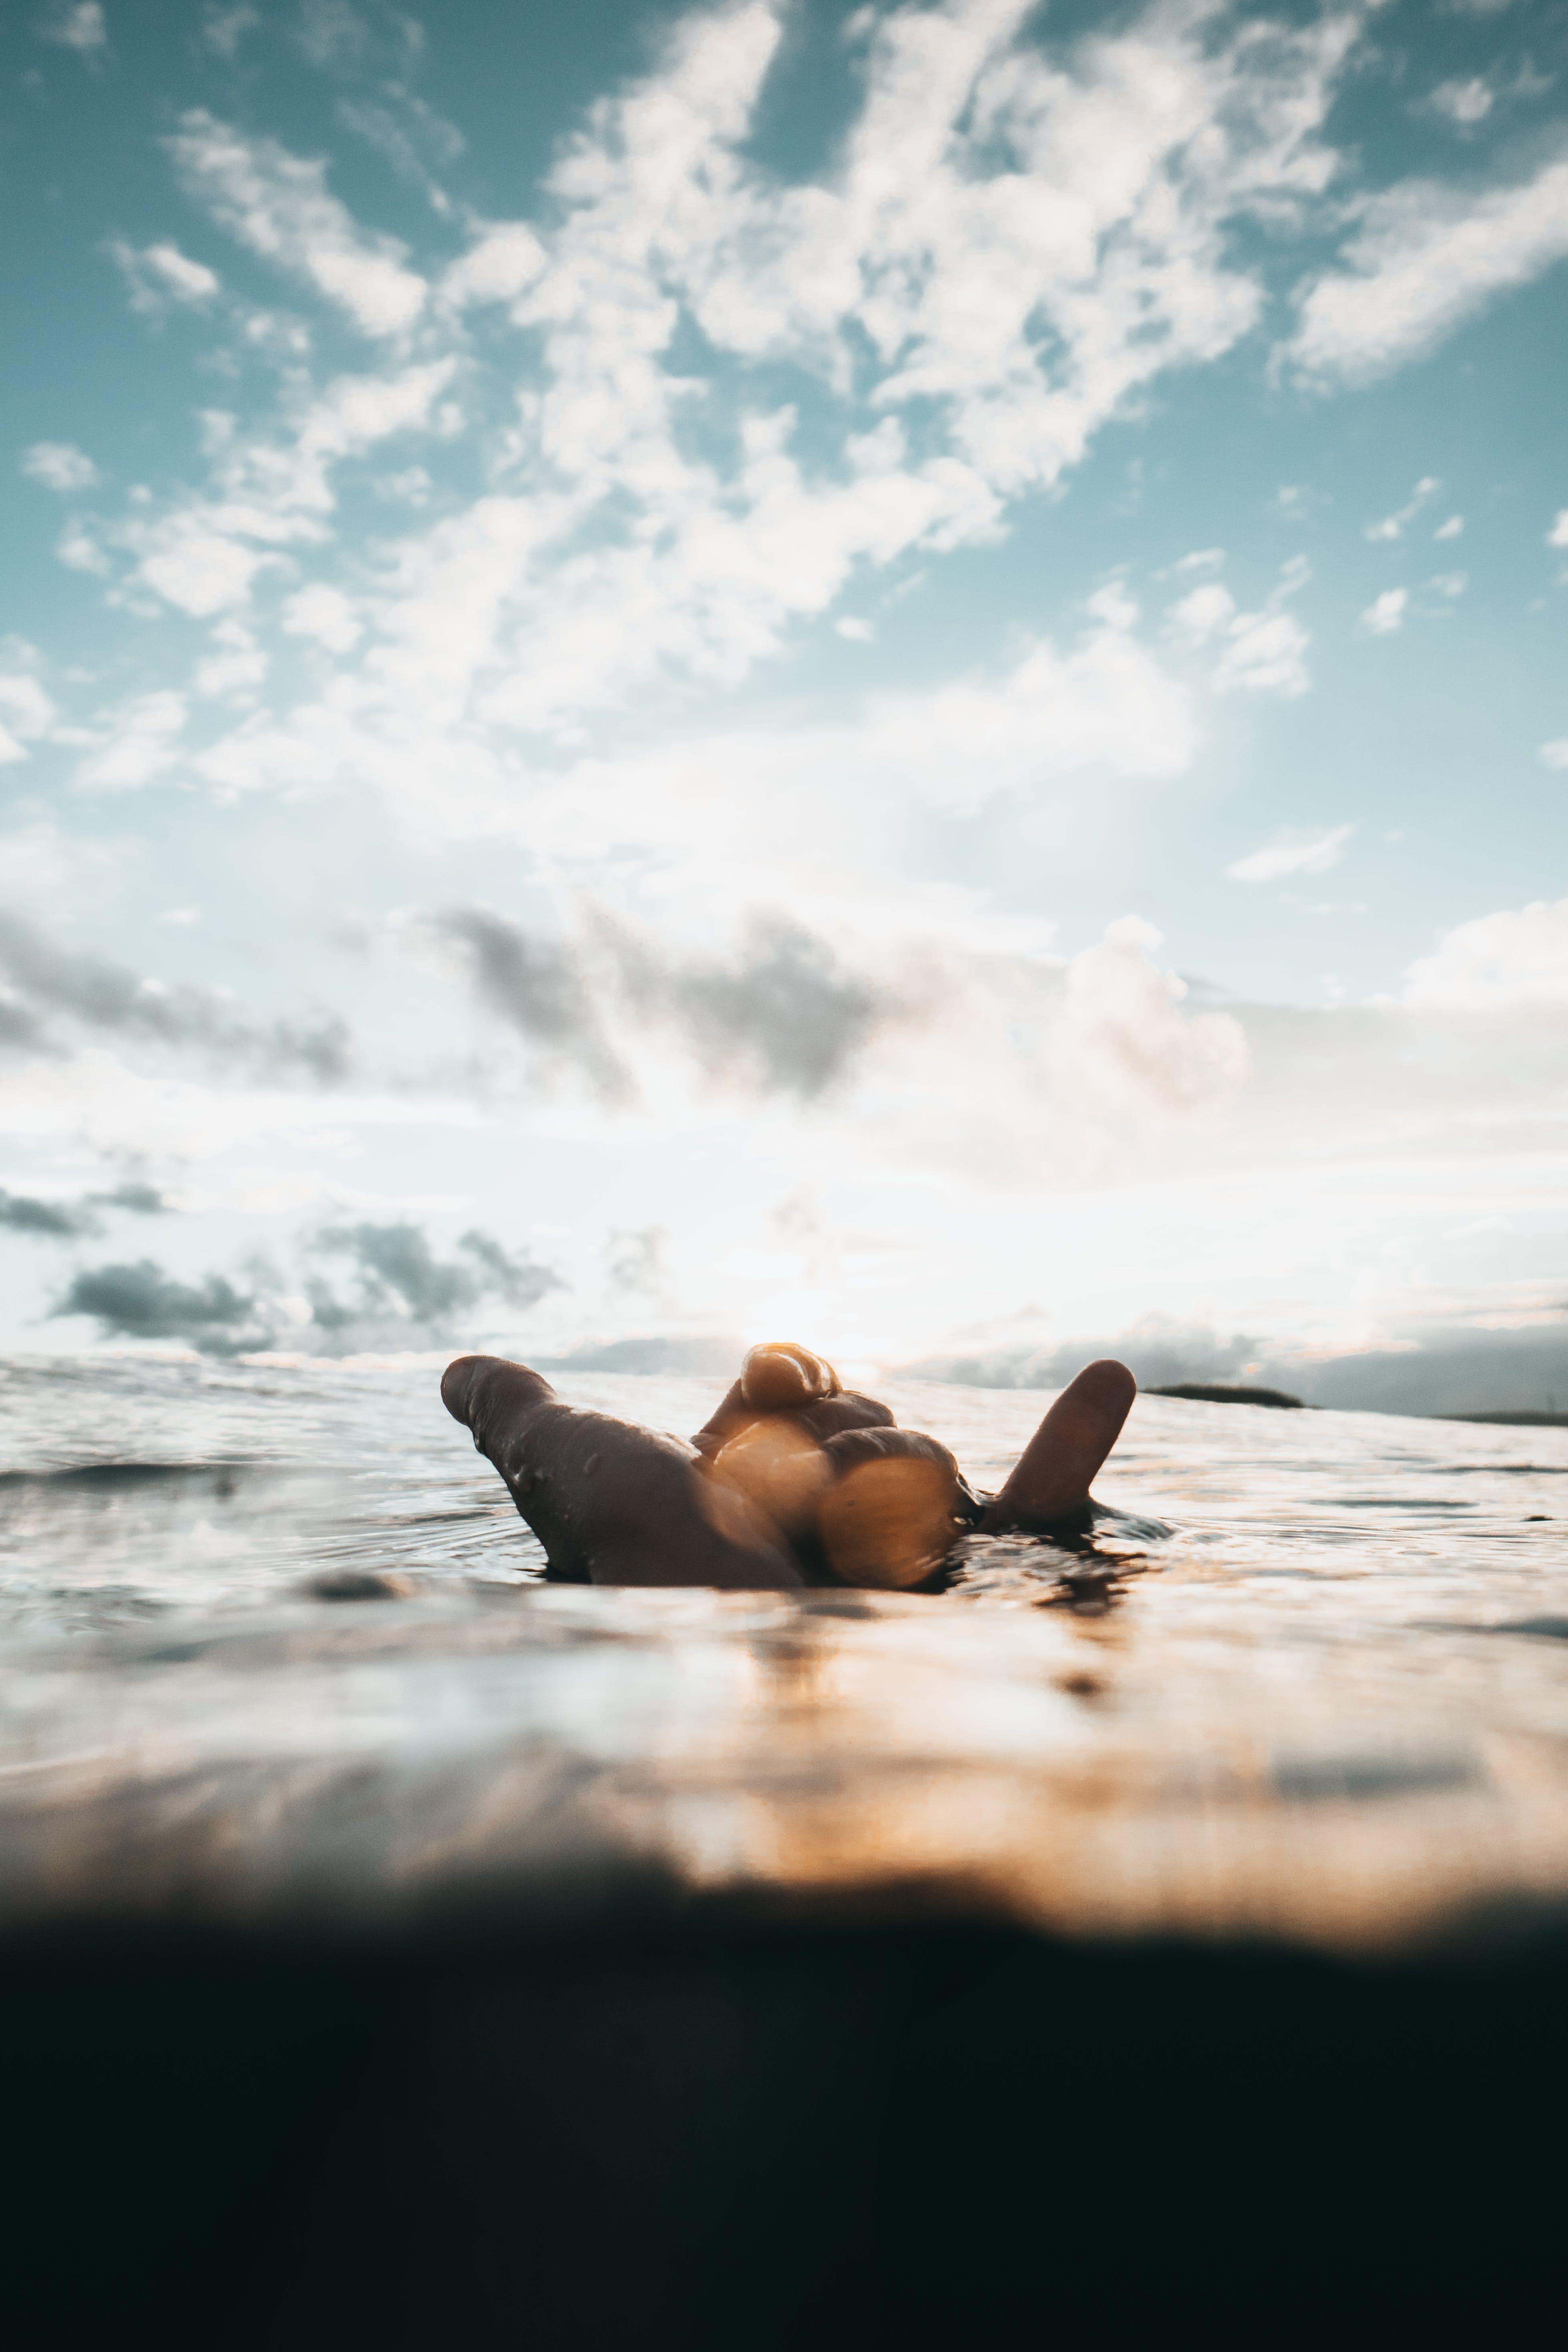 Immagine gratuita di acqua, colori, luce del giorno, mano